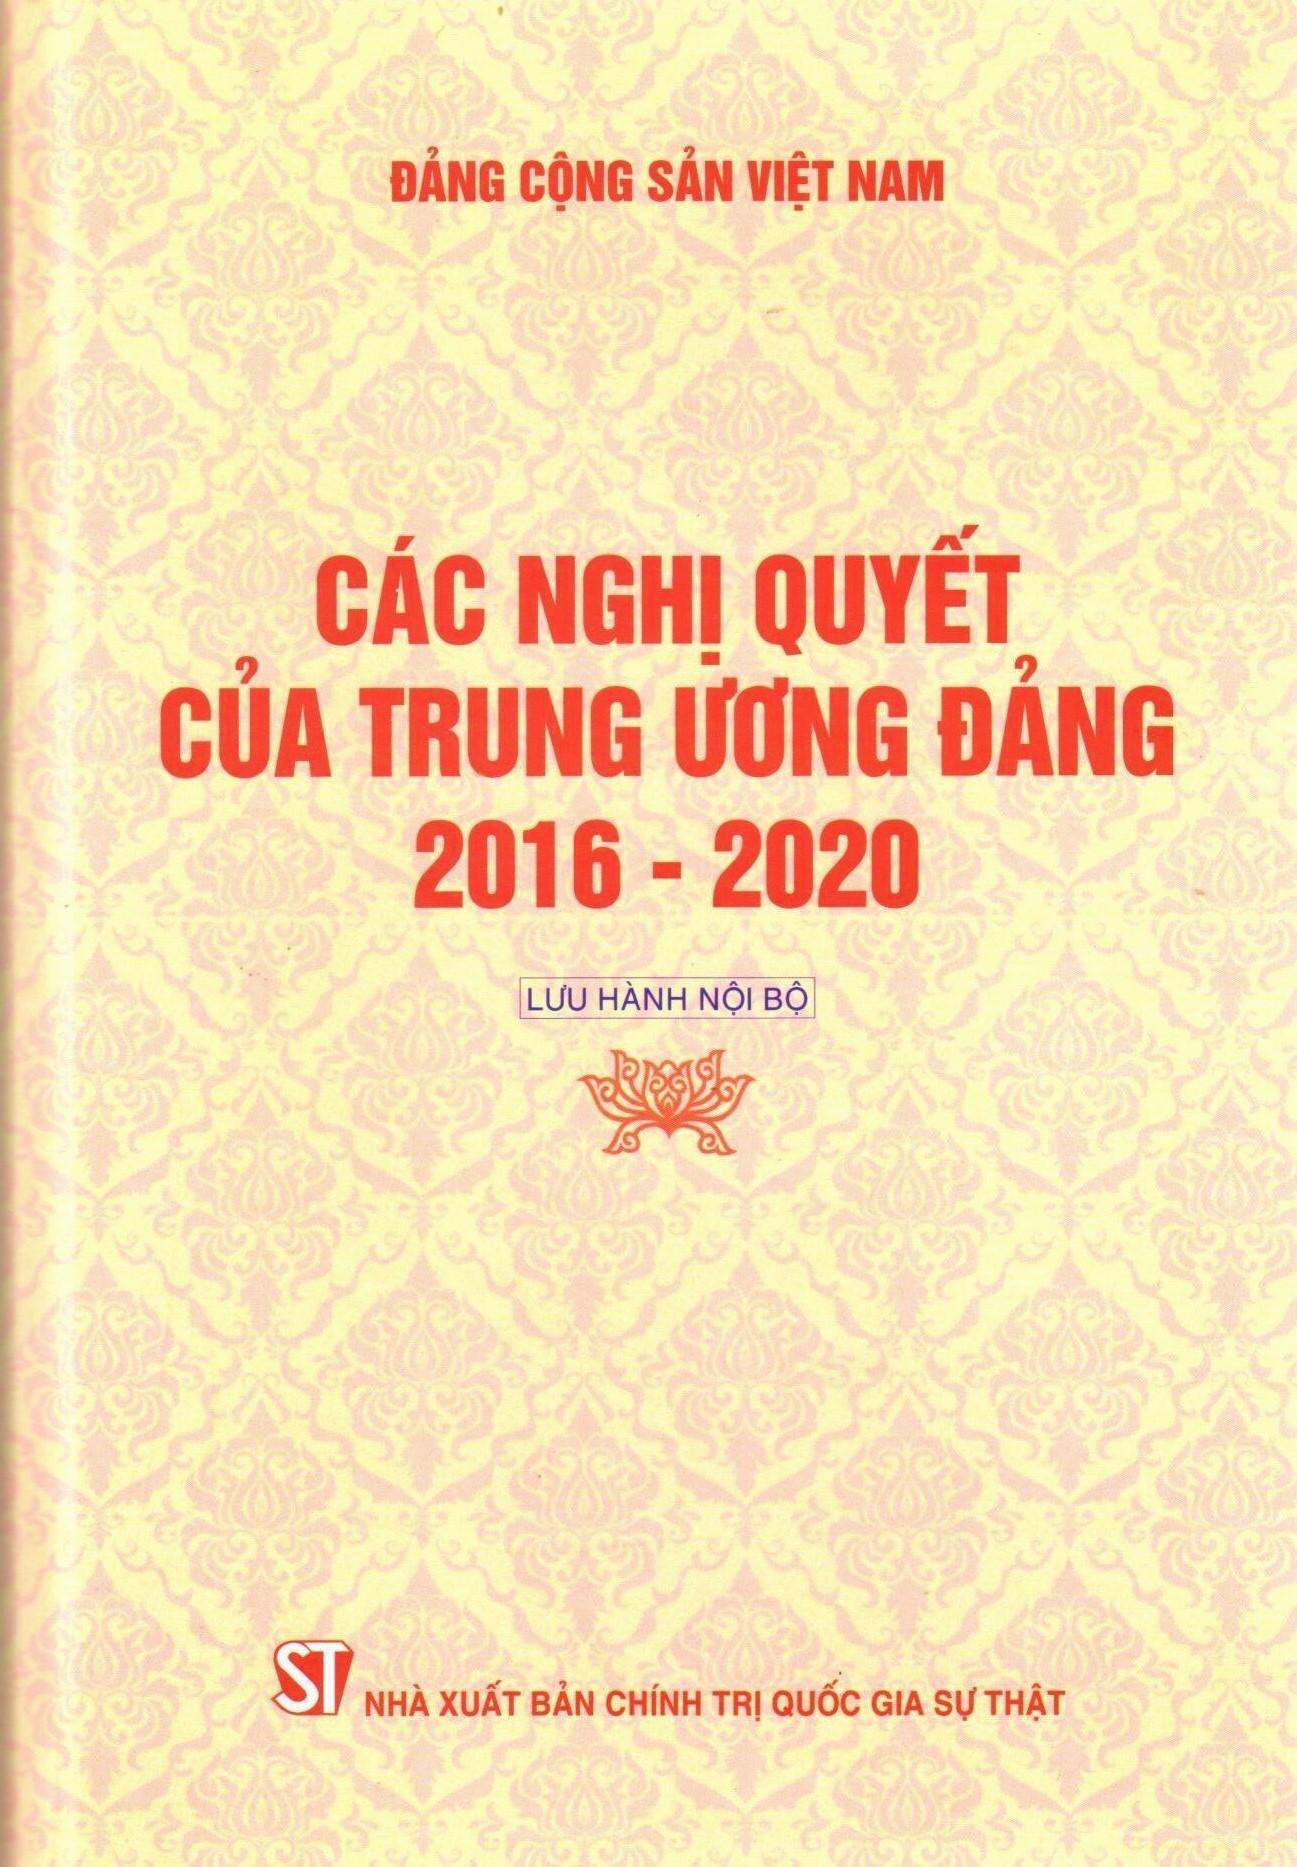 Các nghị quyết của Trung ương Đảng 2016 - 2020 (Lưu hành nội bộ)